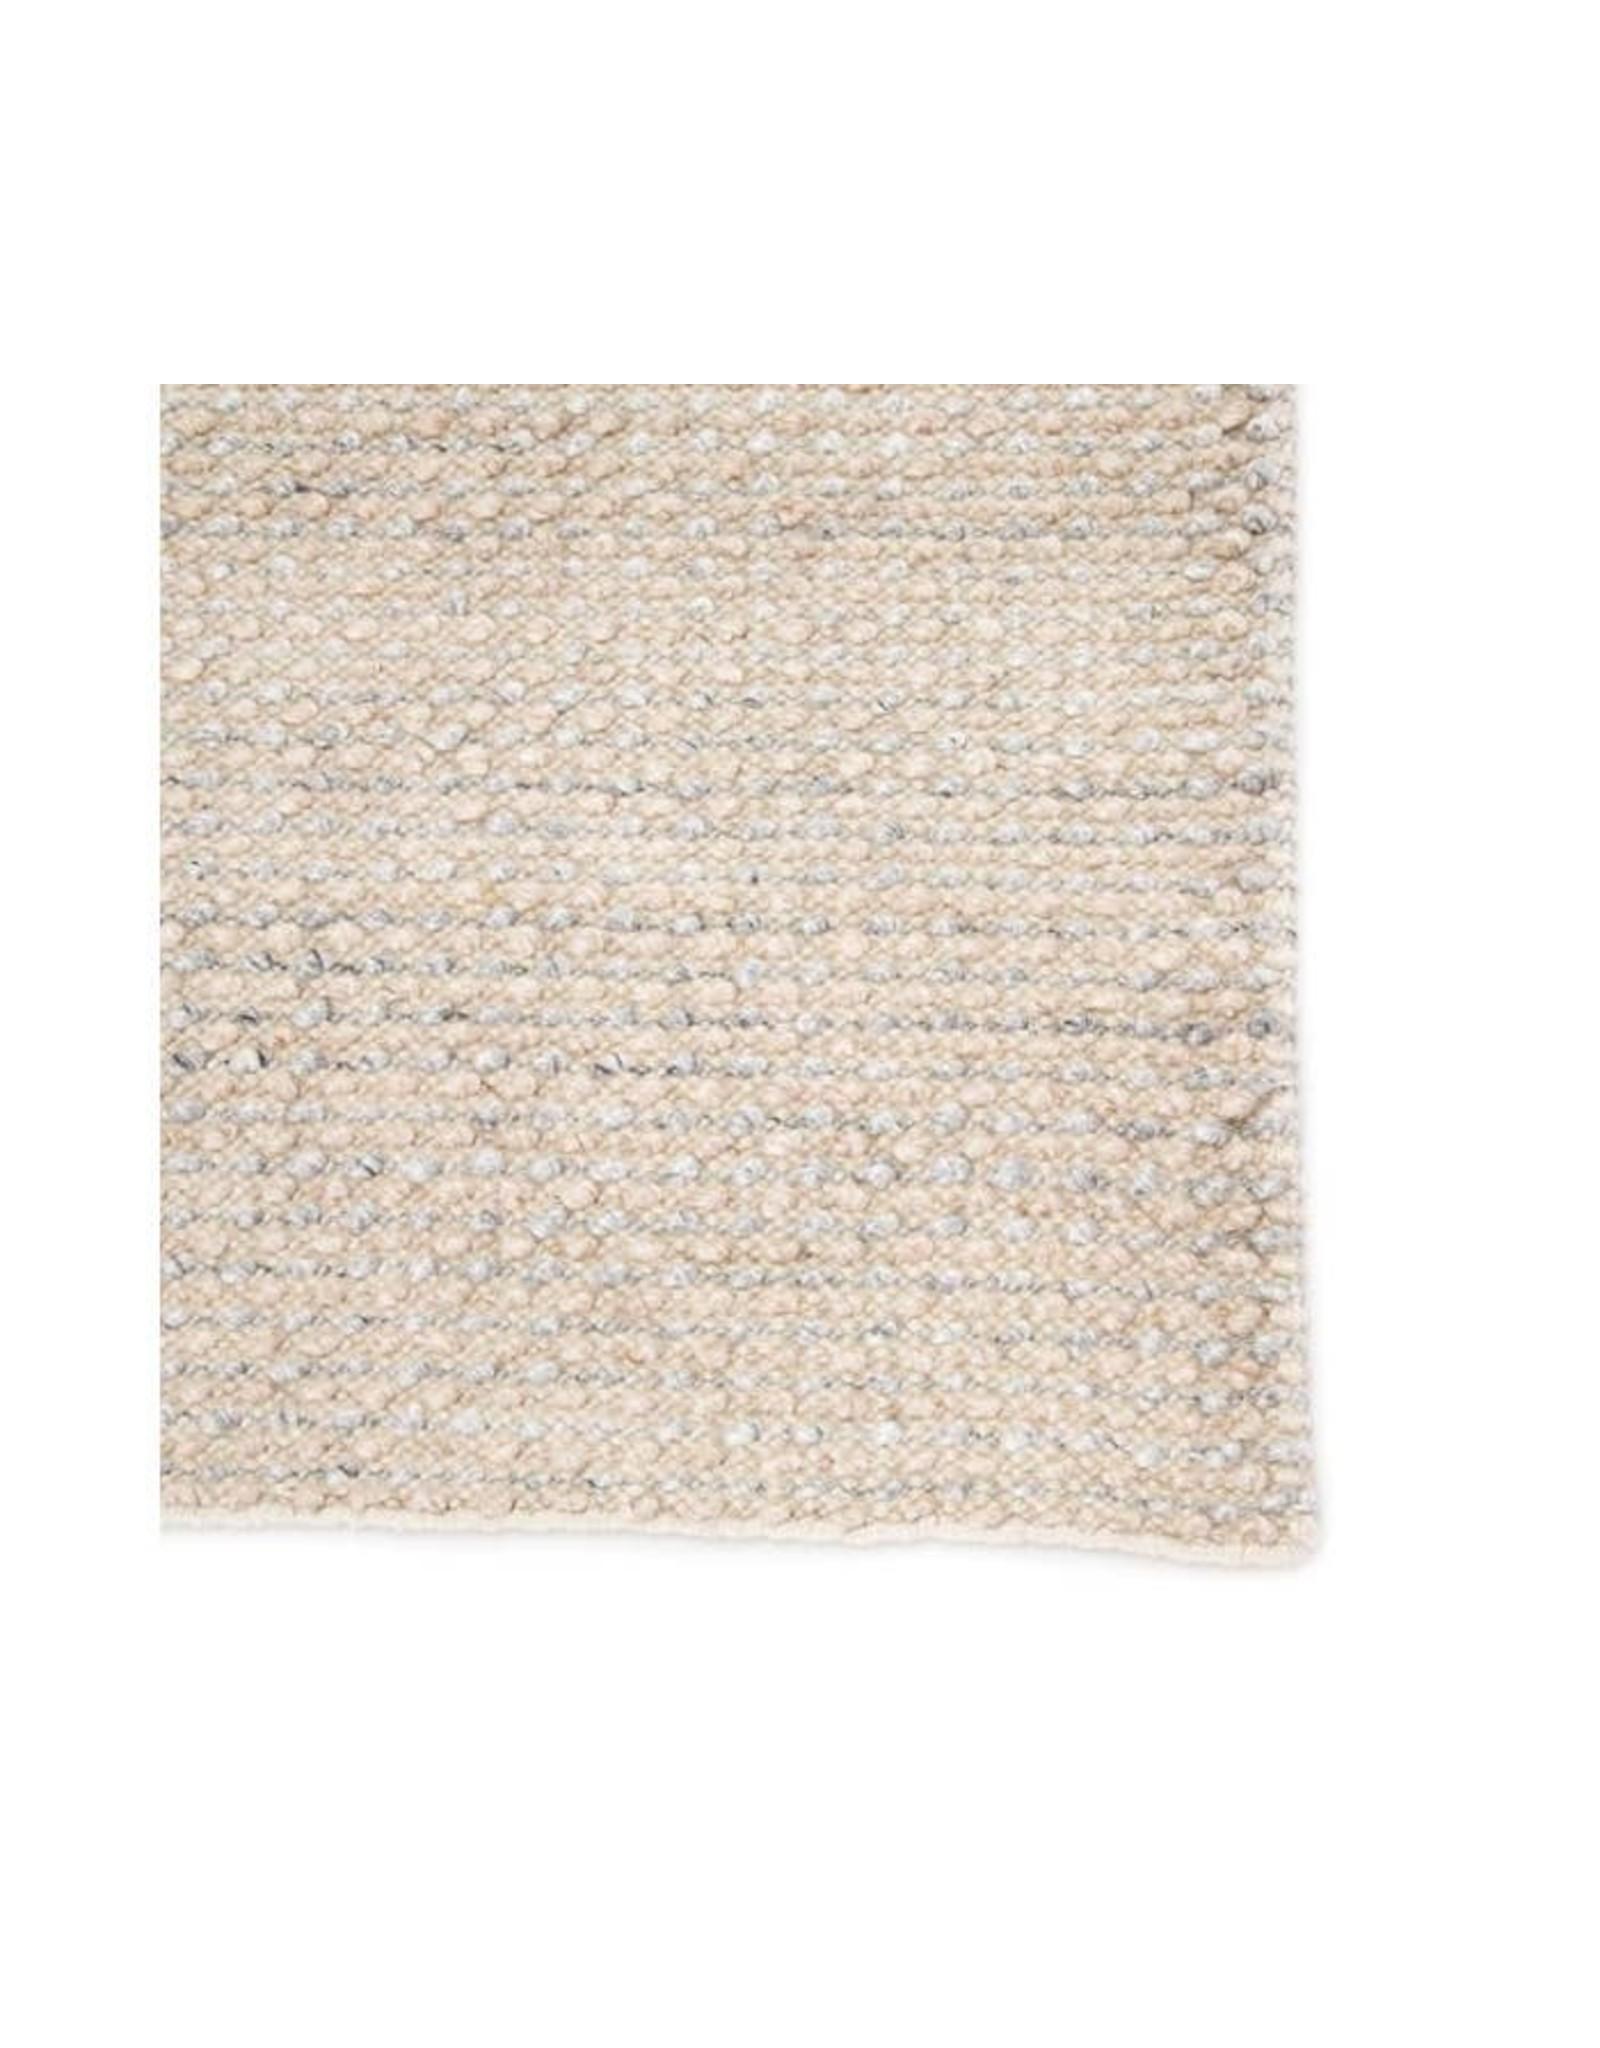 Oak + Arrow Interiors Rebecca Rug 05 2' x 3' Indoor-Outdoor